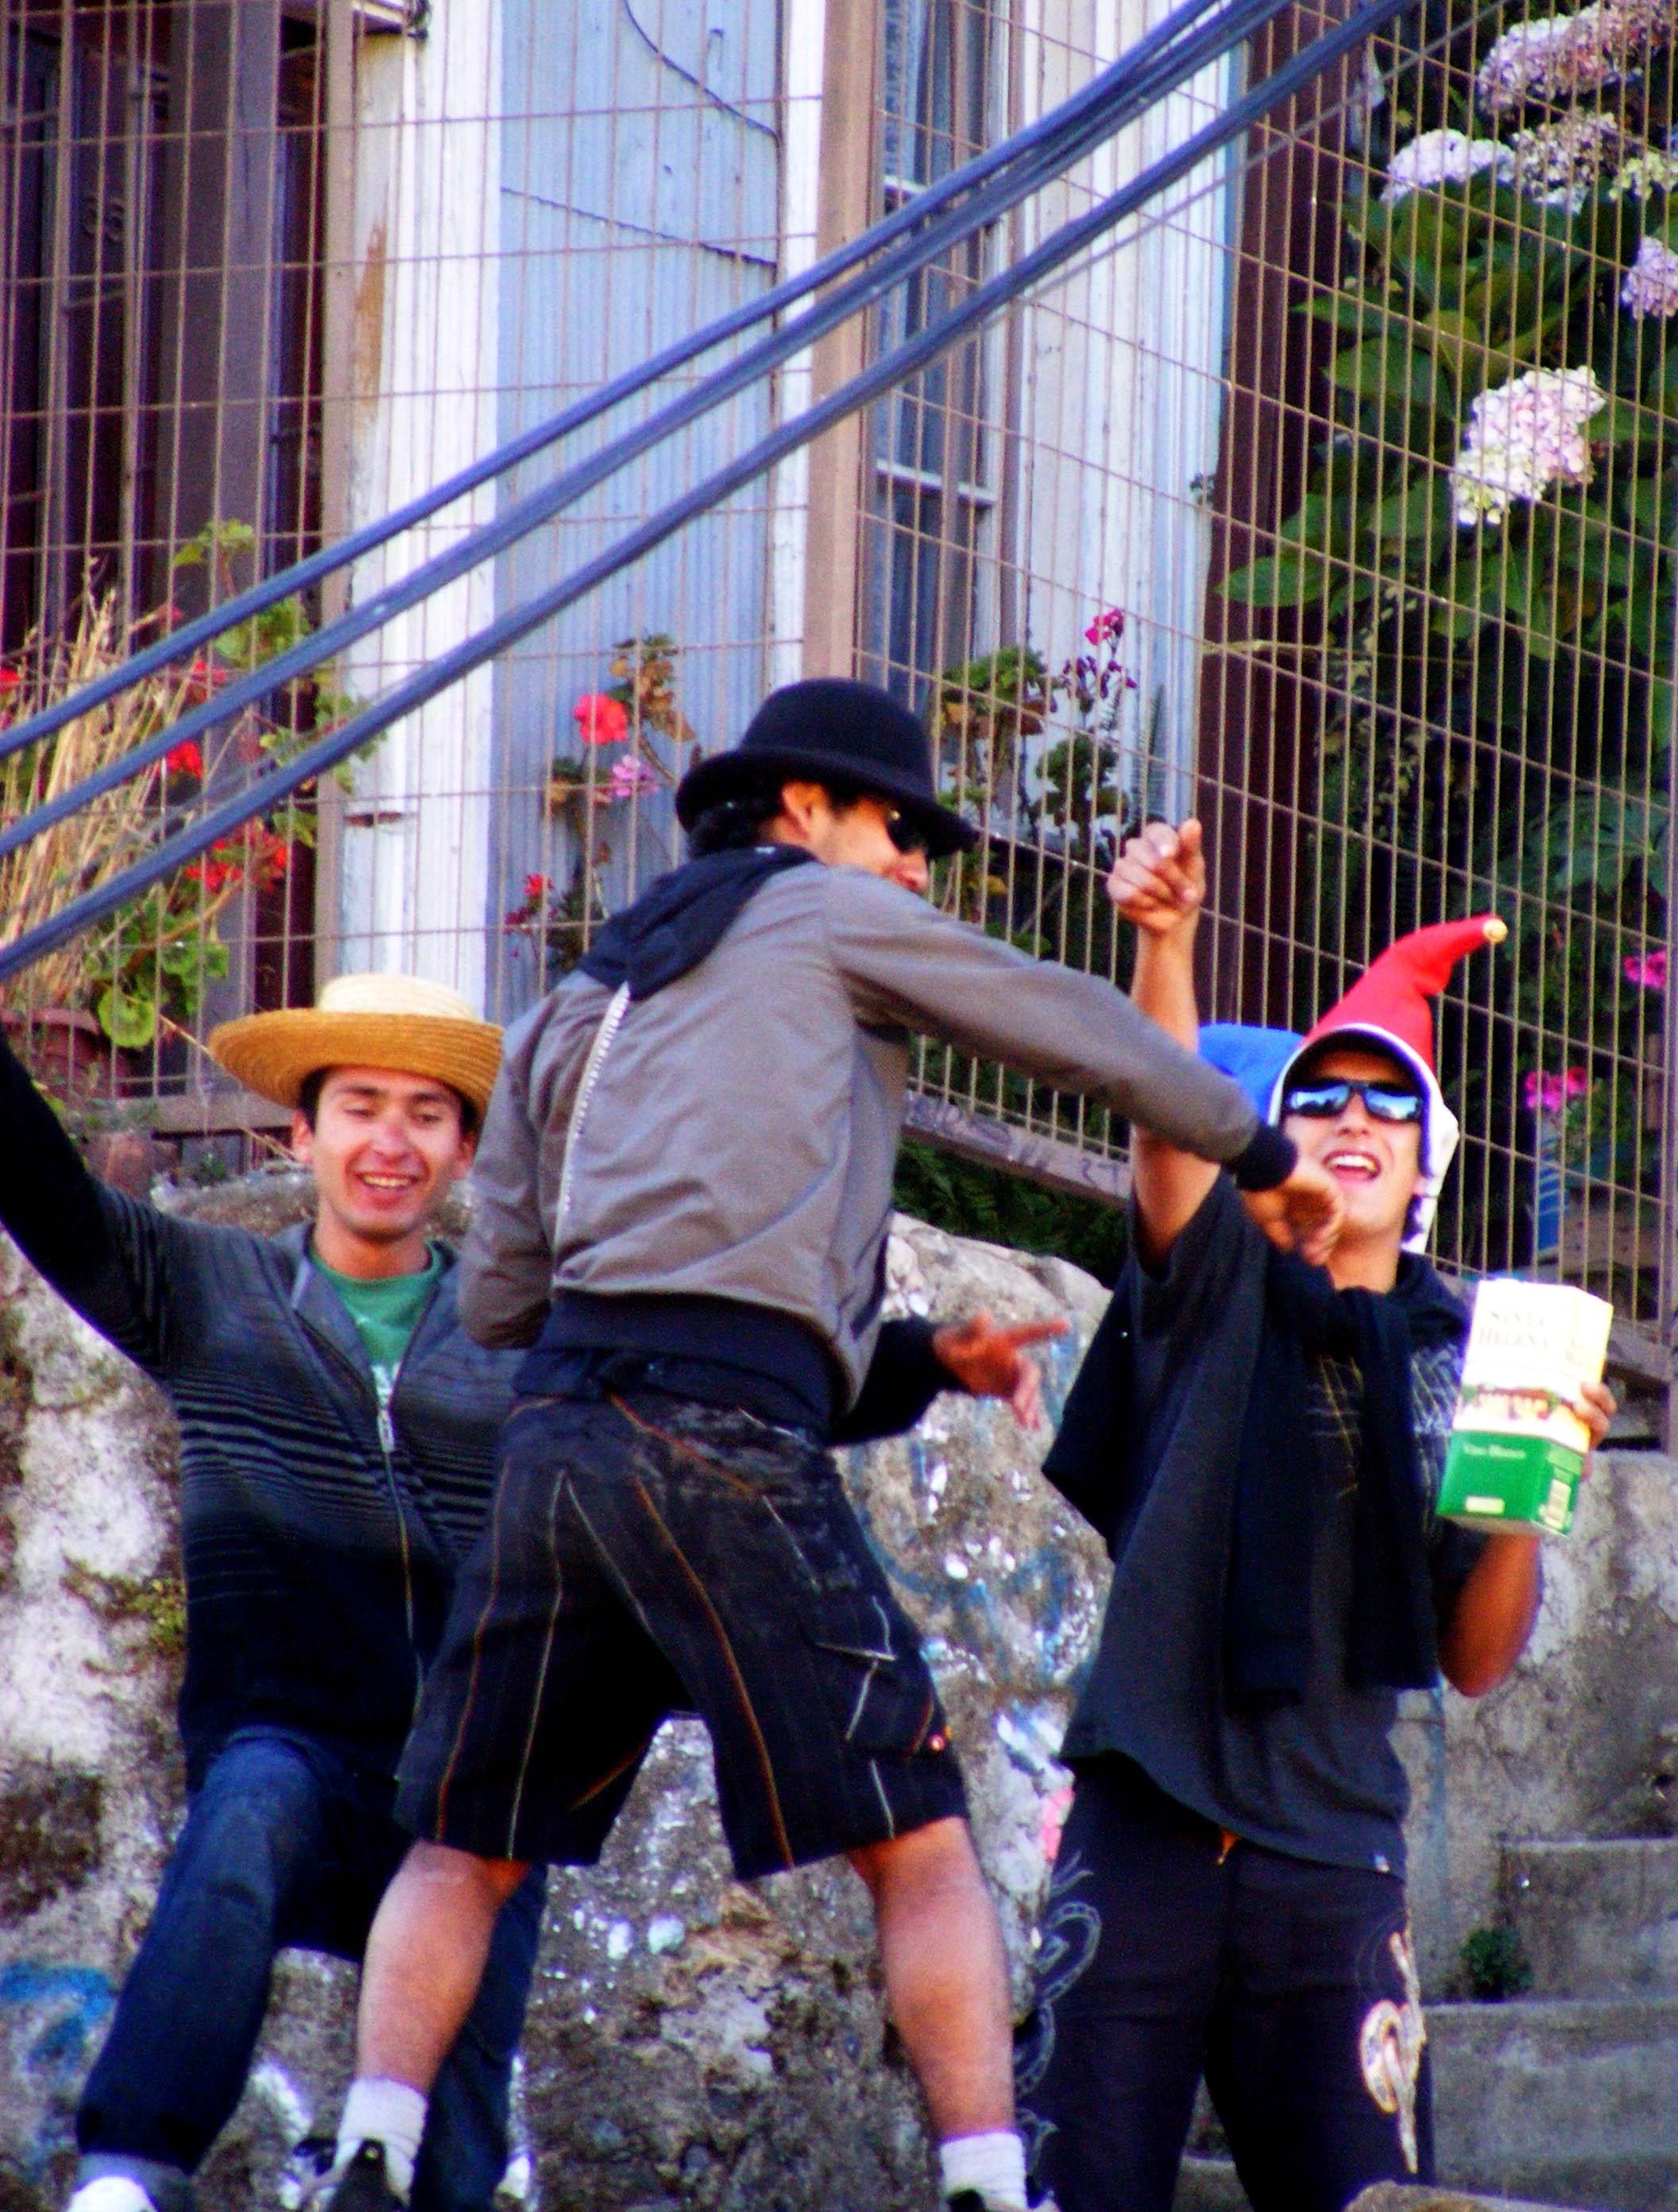 Sobrevivir al año nuevo en el litoral. 10 consejos (Cuidado Mucho chilenismo) Ac3b1o-nuevo-lp